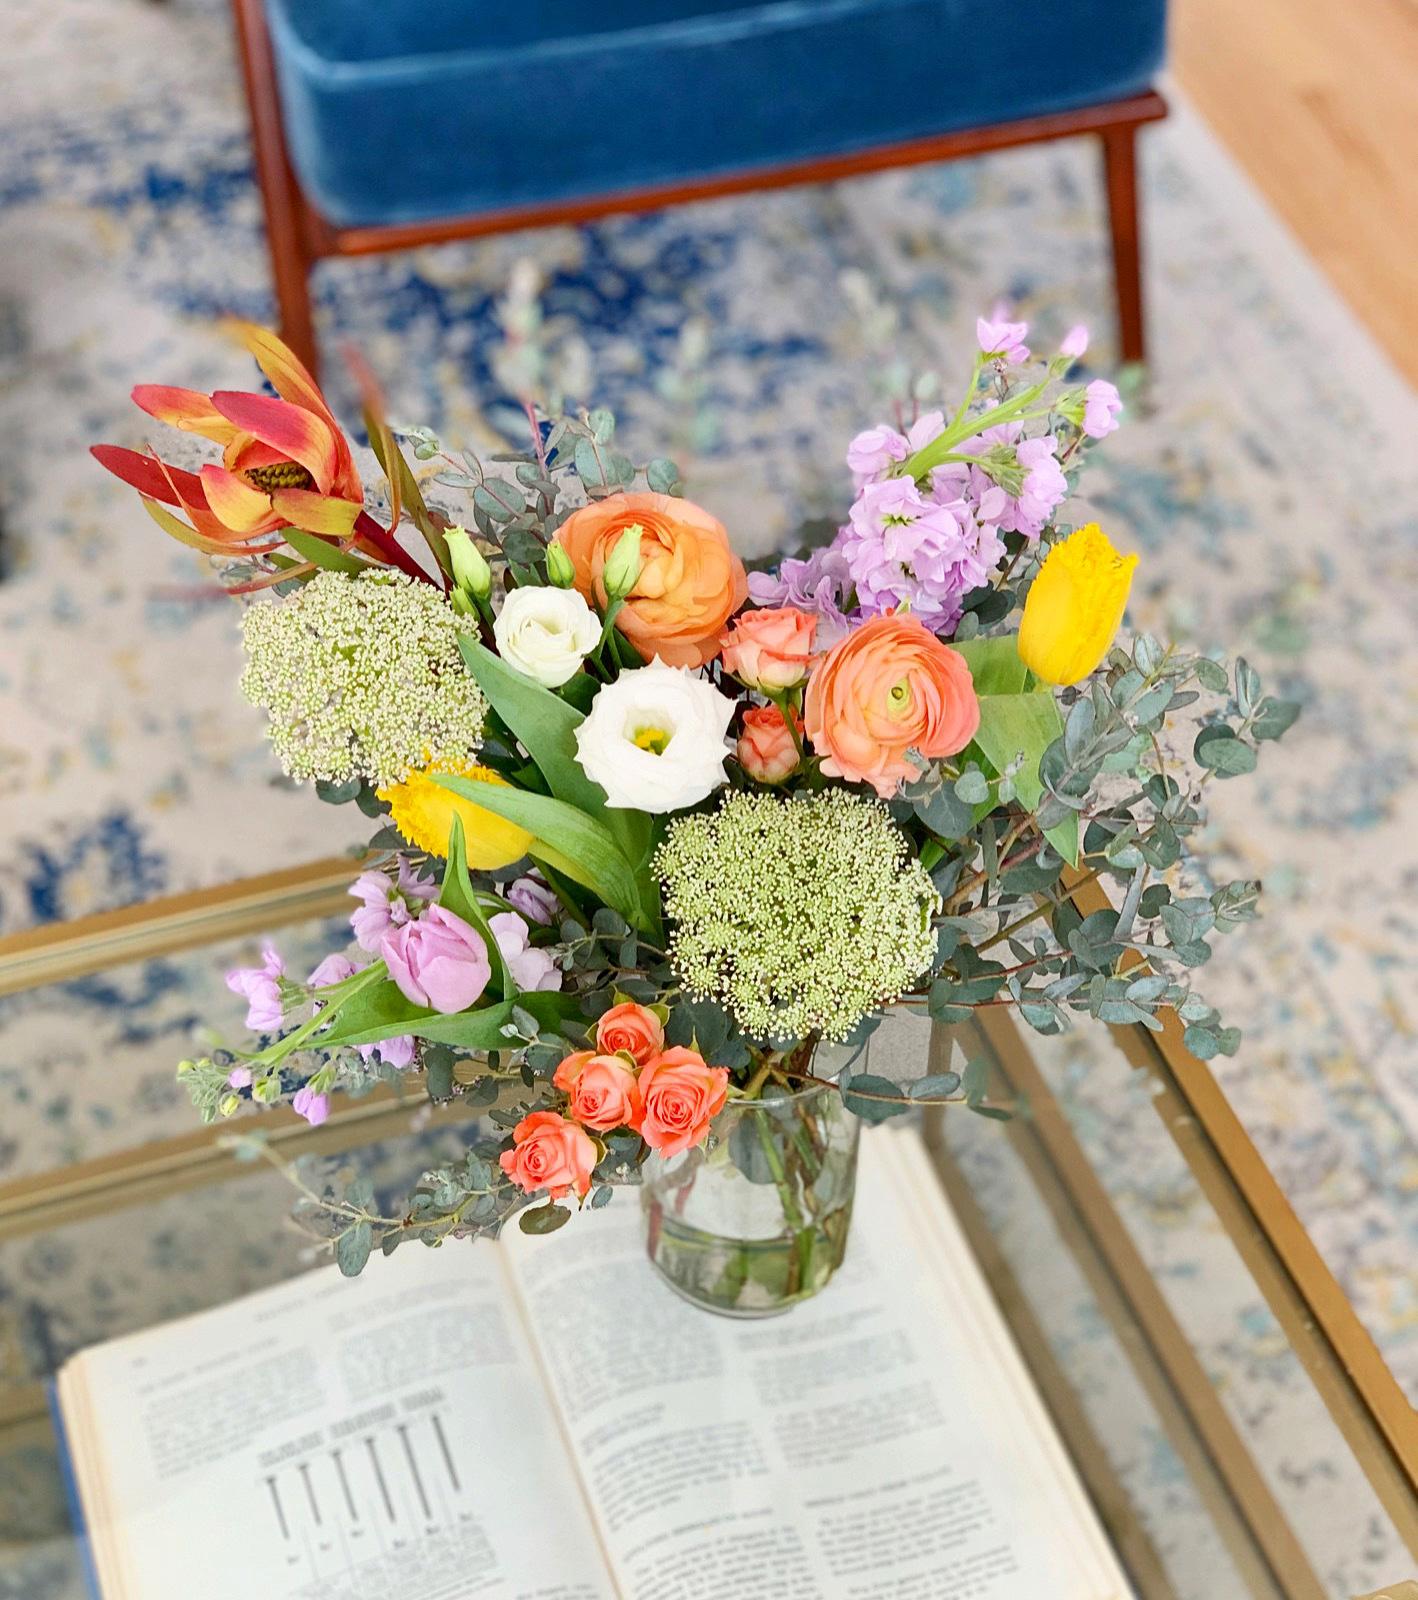 fleur, flower, flower shop, flowers, florist, logan square, bouquet, blooms